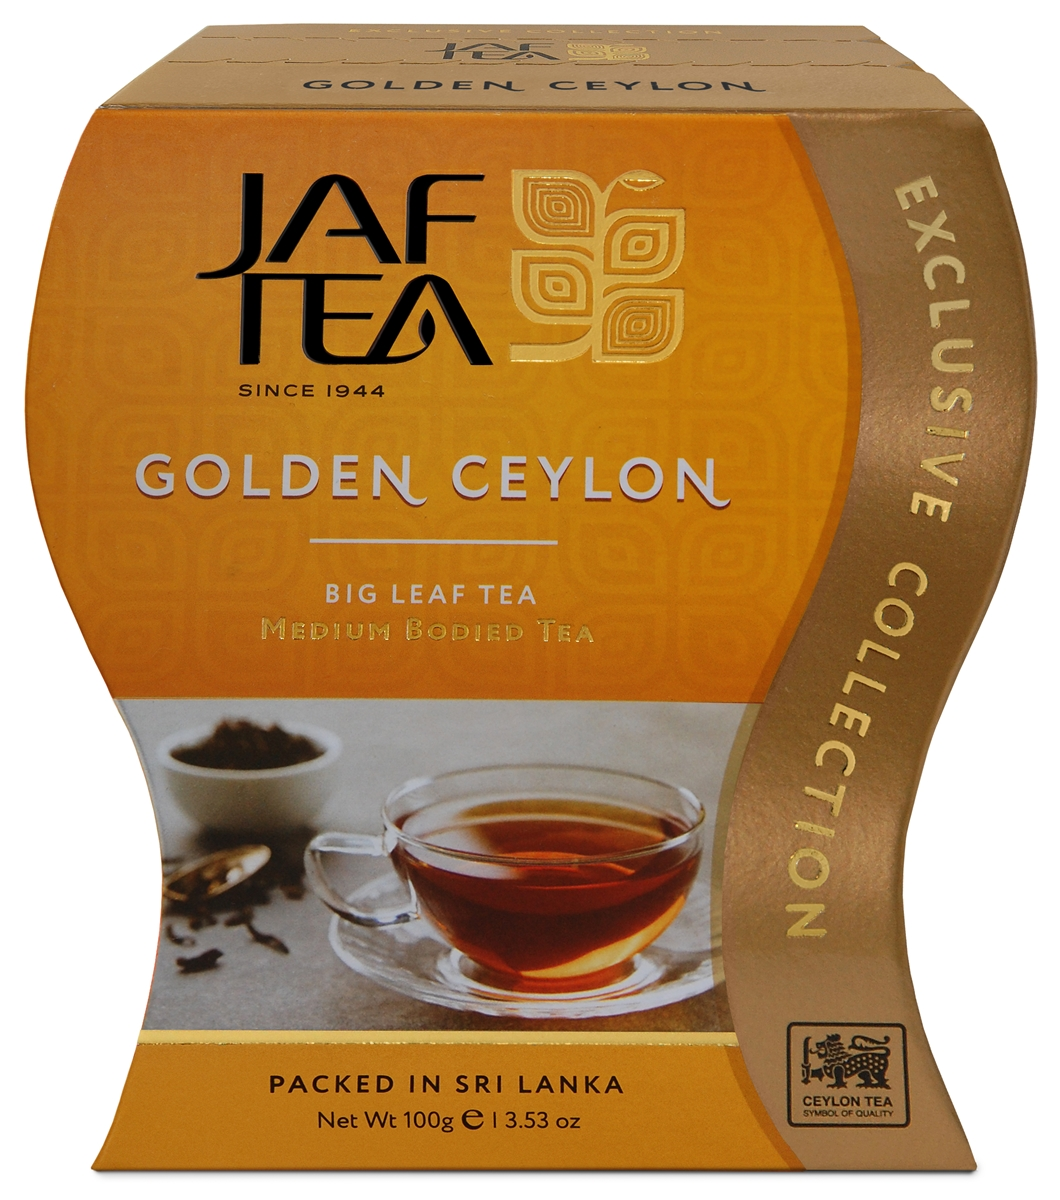 Jaf Tea Golden Ceylon сорт Оpa чай черный листовой, 100 г jaf tea earl grey classic чай черный листовой с ароматом бергамота 100 г